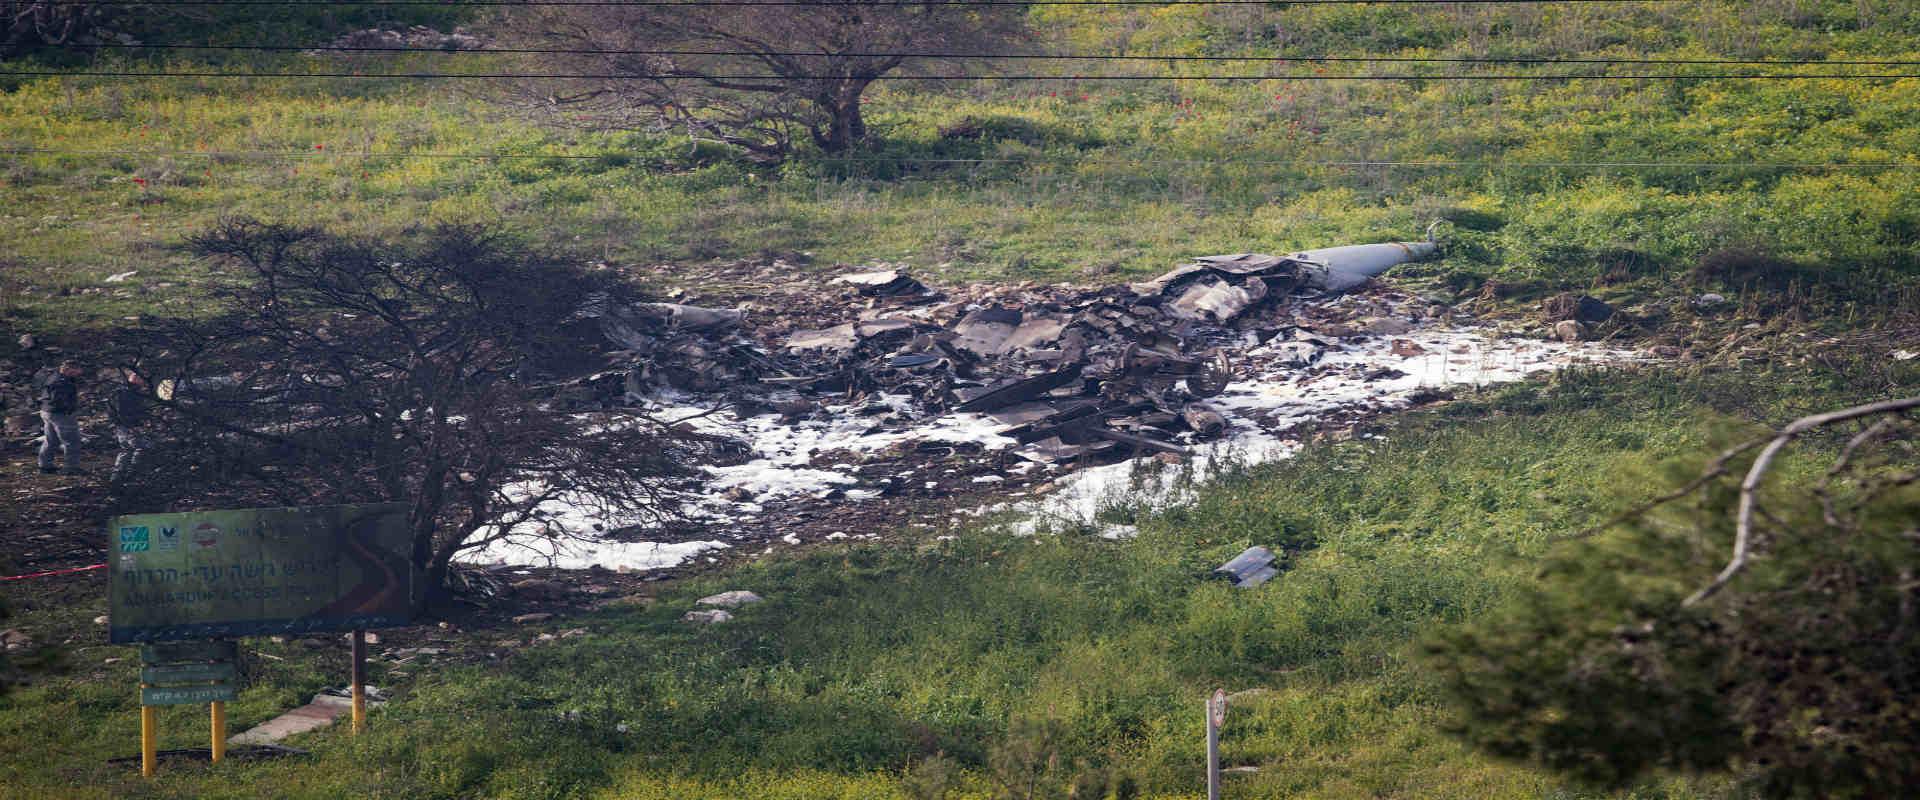 שרידי המטוס שננטש והתרסק, הבוקר